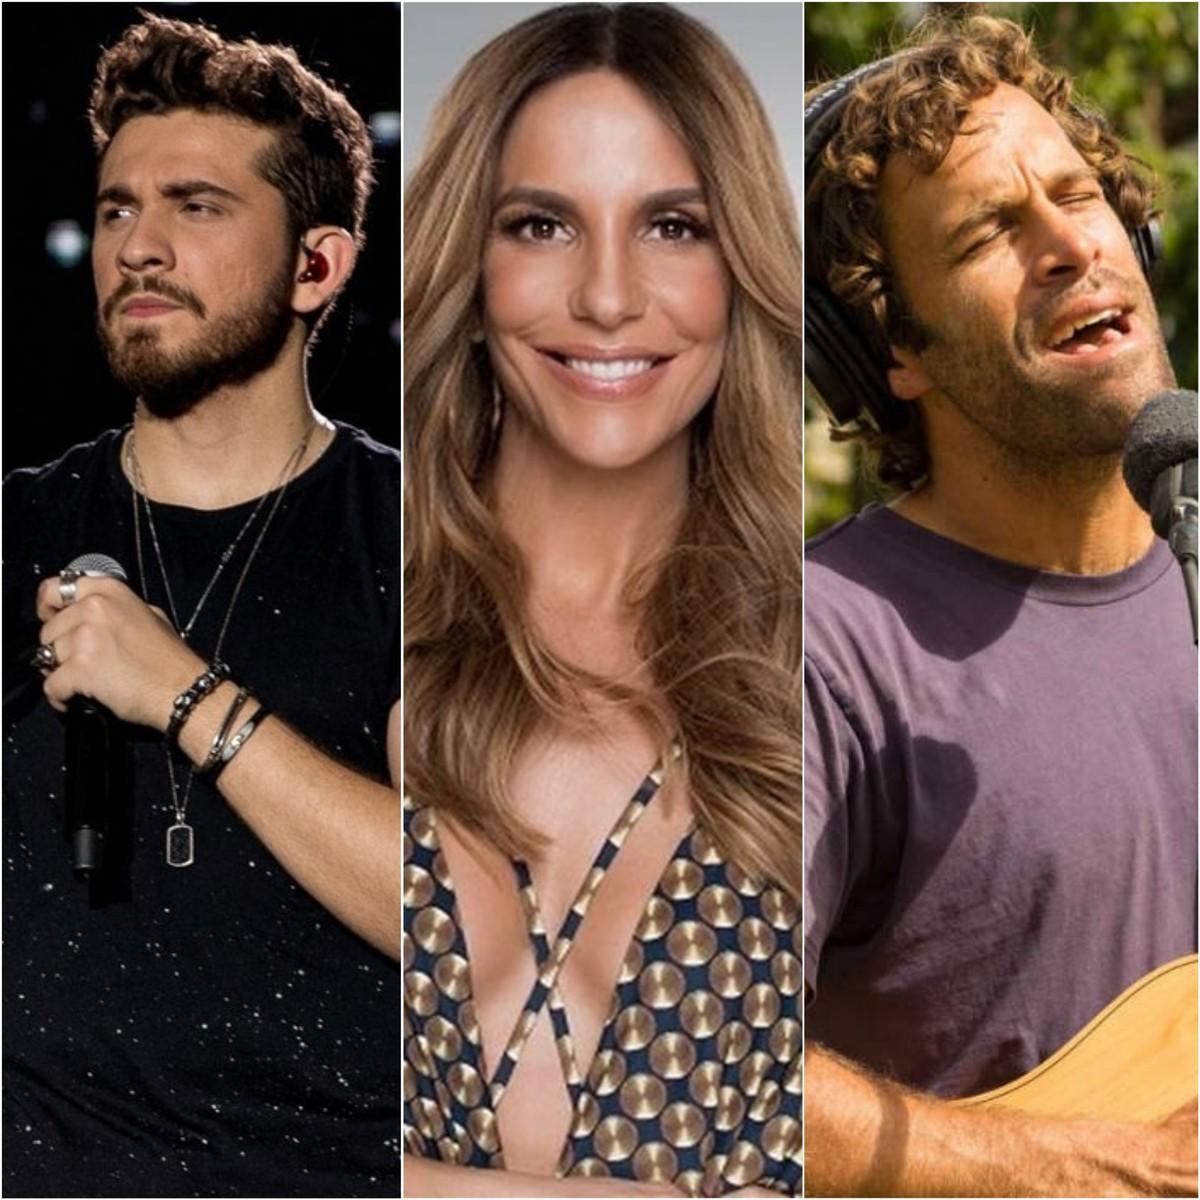 Lives de hoje: Ivete Sangalo, Gustavo Mioto, Jack Johnson e mais shows para ver em casa